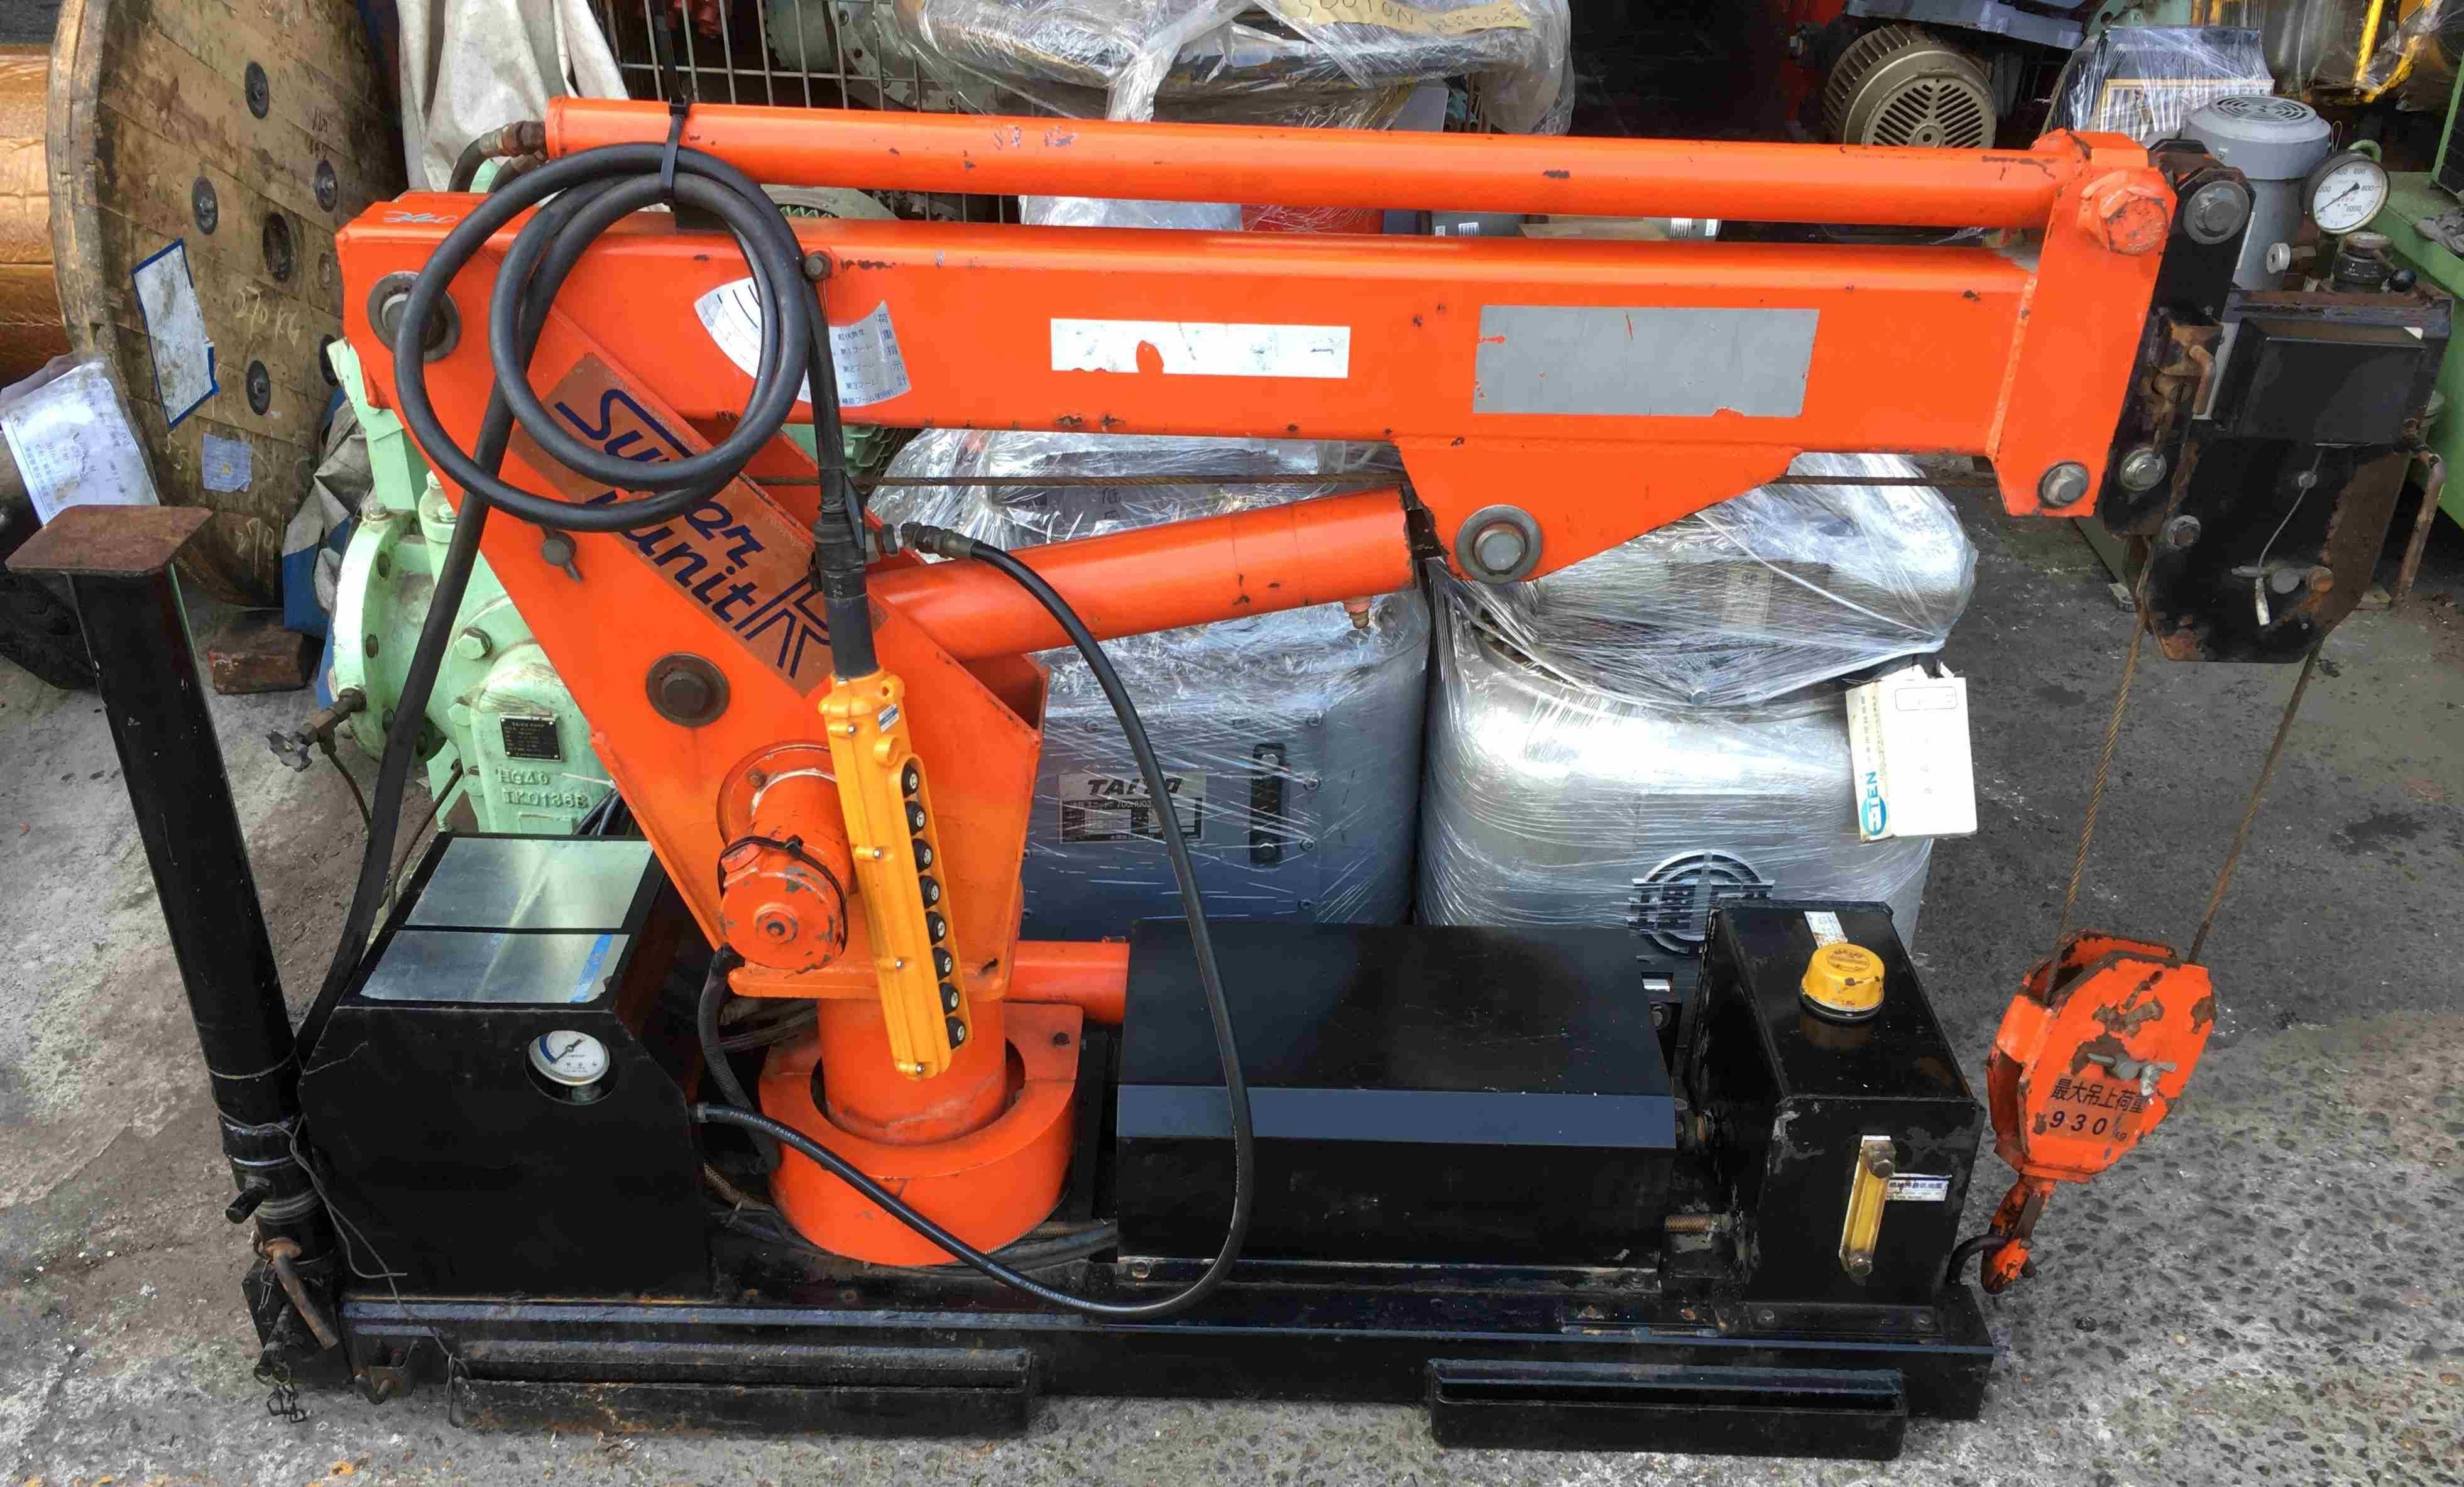 日本F-MAC 油壓吊桿 3噸半專用型(930KG吊桿、可延伸3節) 油壓吊車/貨車吊桿(12V電壓接上,即可使用)